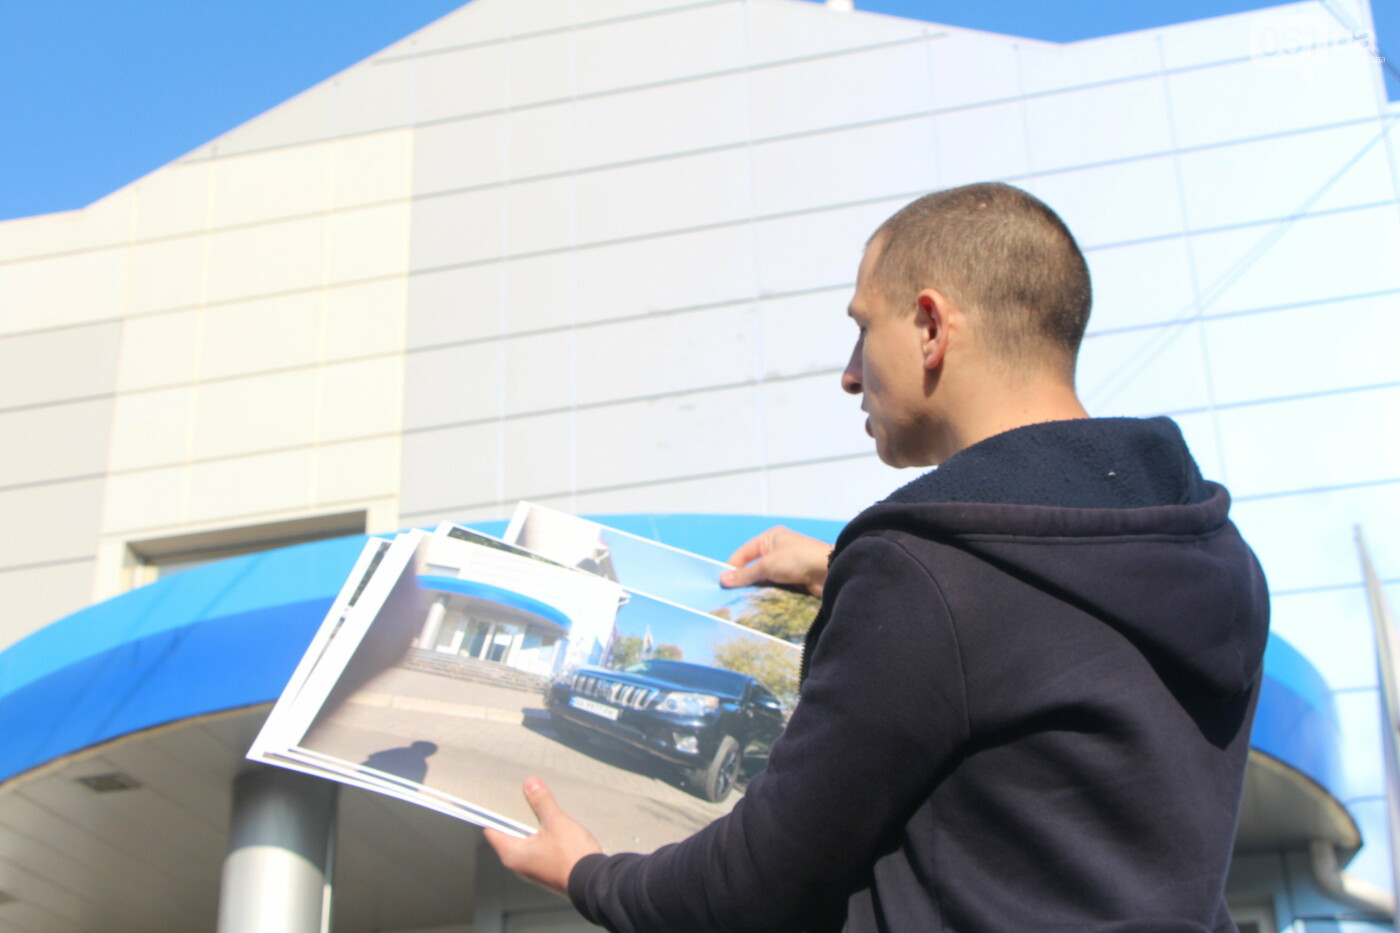 """""""Анисимов просто лох"""": на антикоррупционной экскурсии рассказали, кто приезжает в новый """"золотой офис"""", - ФОТОРЕПОРТАЖ, фото-15"""